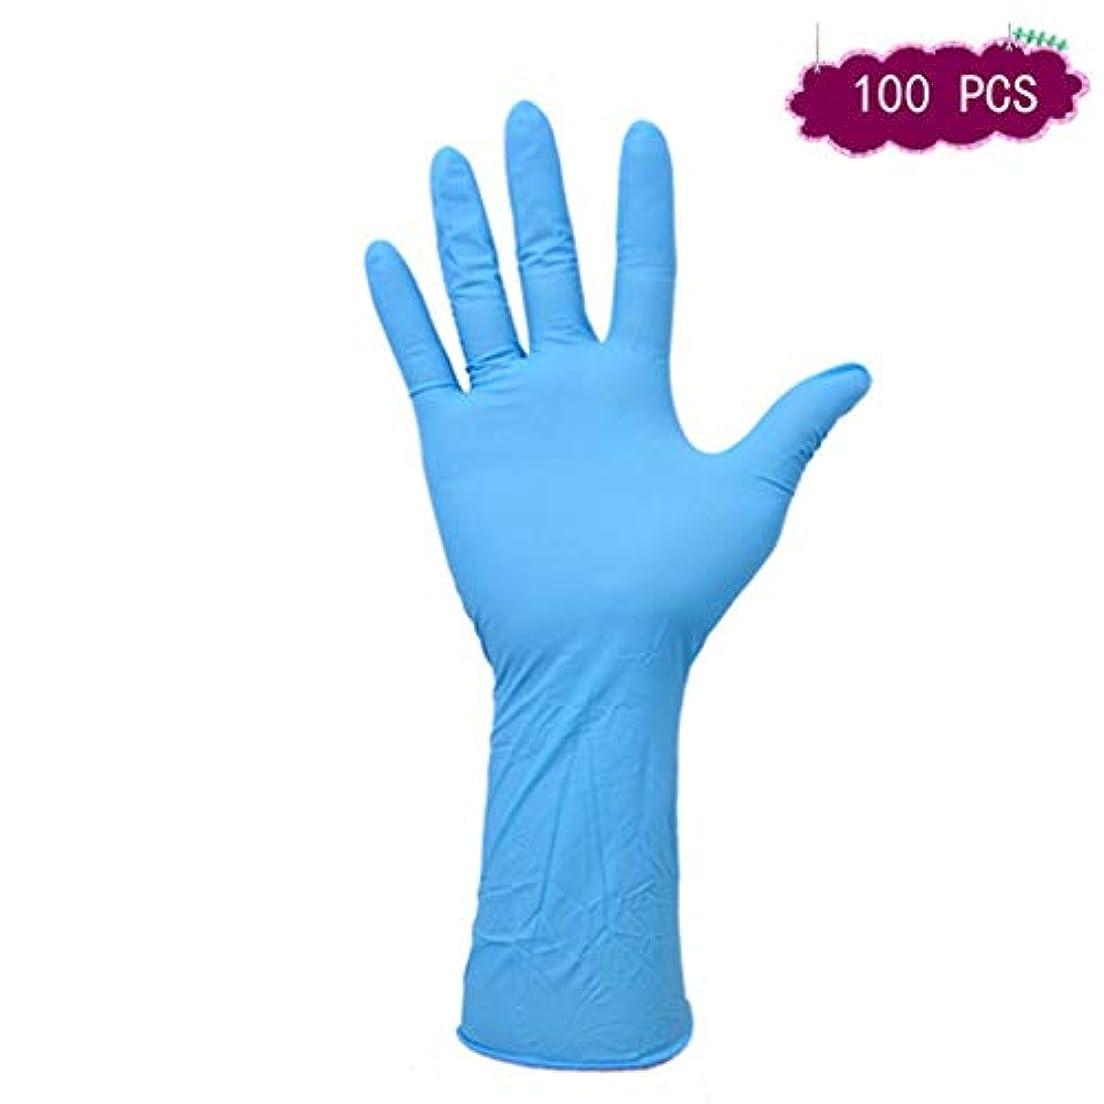 アフリカ人余裕があるオーラル使い捨てラテックス手袋ニトリル9インチ耐油9インチのゴム労働者保護の食器用実験室スキッド手袋なしパウダー (Color : 9 inch, Size : S)